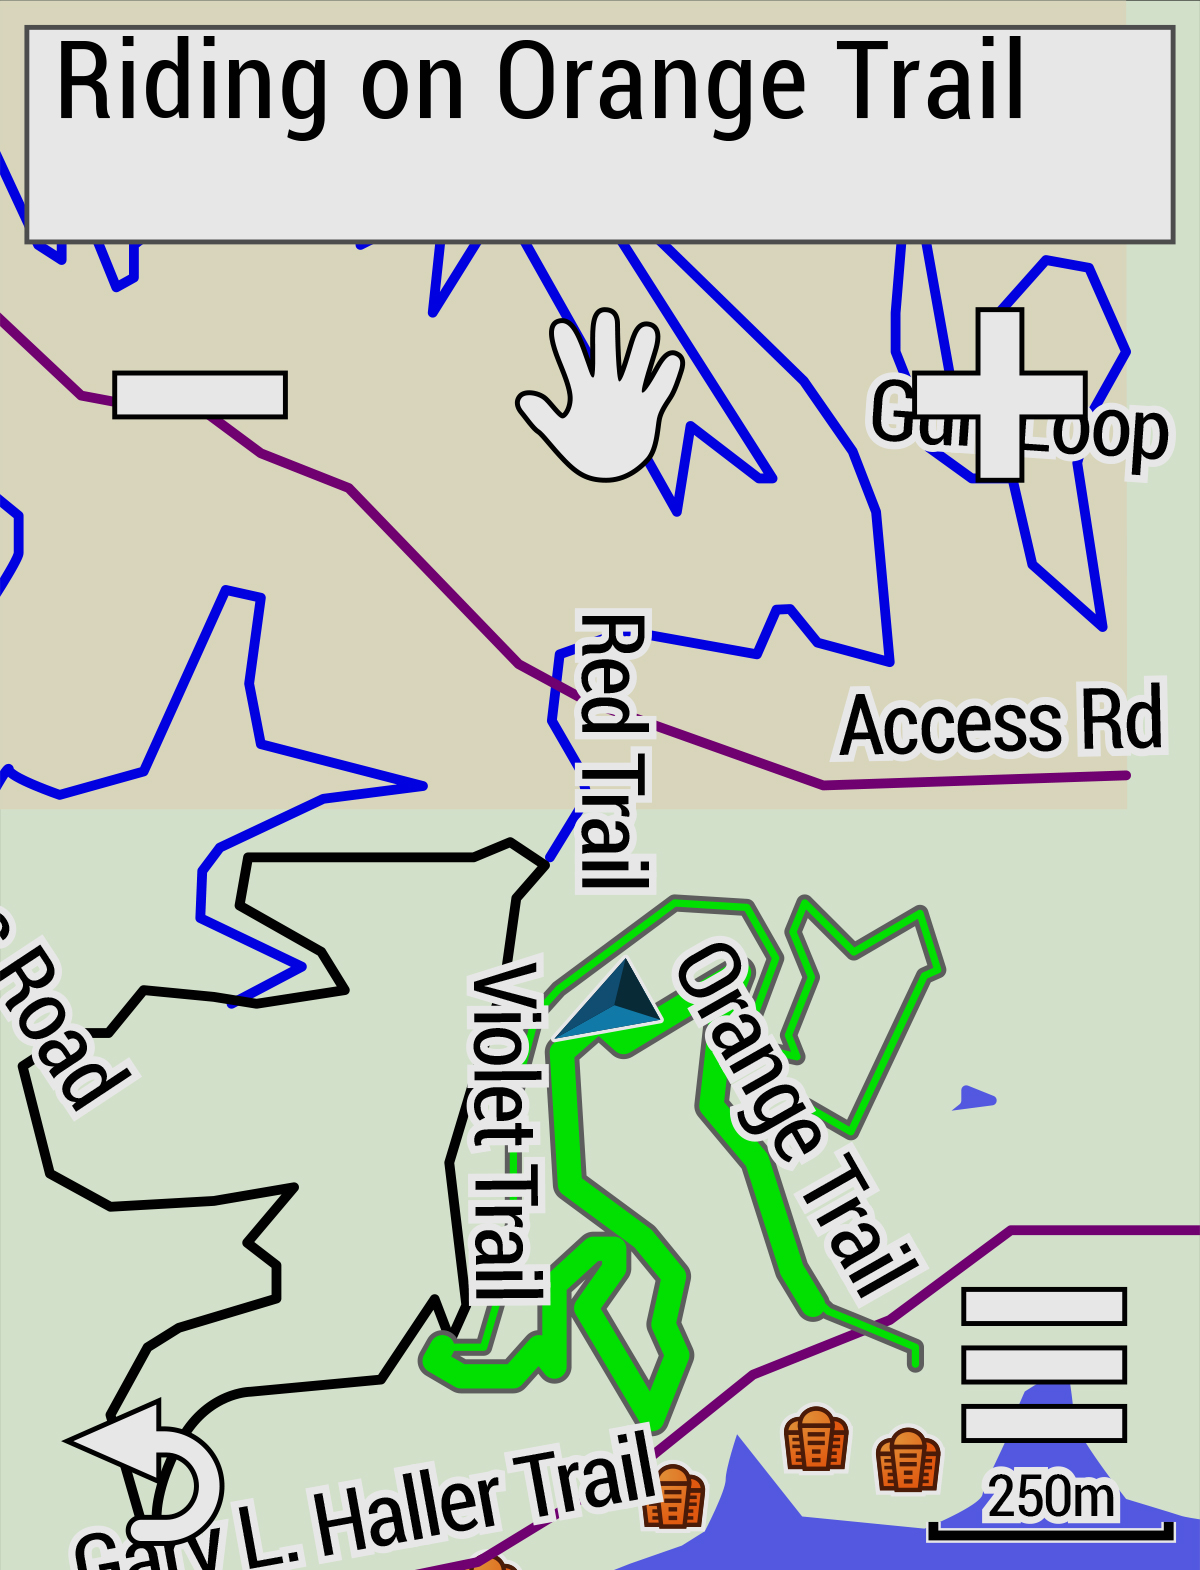 Дополнительные карты и маршруты в edge 830